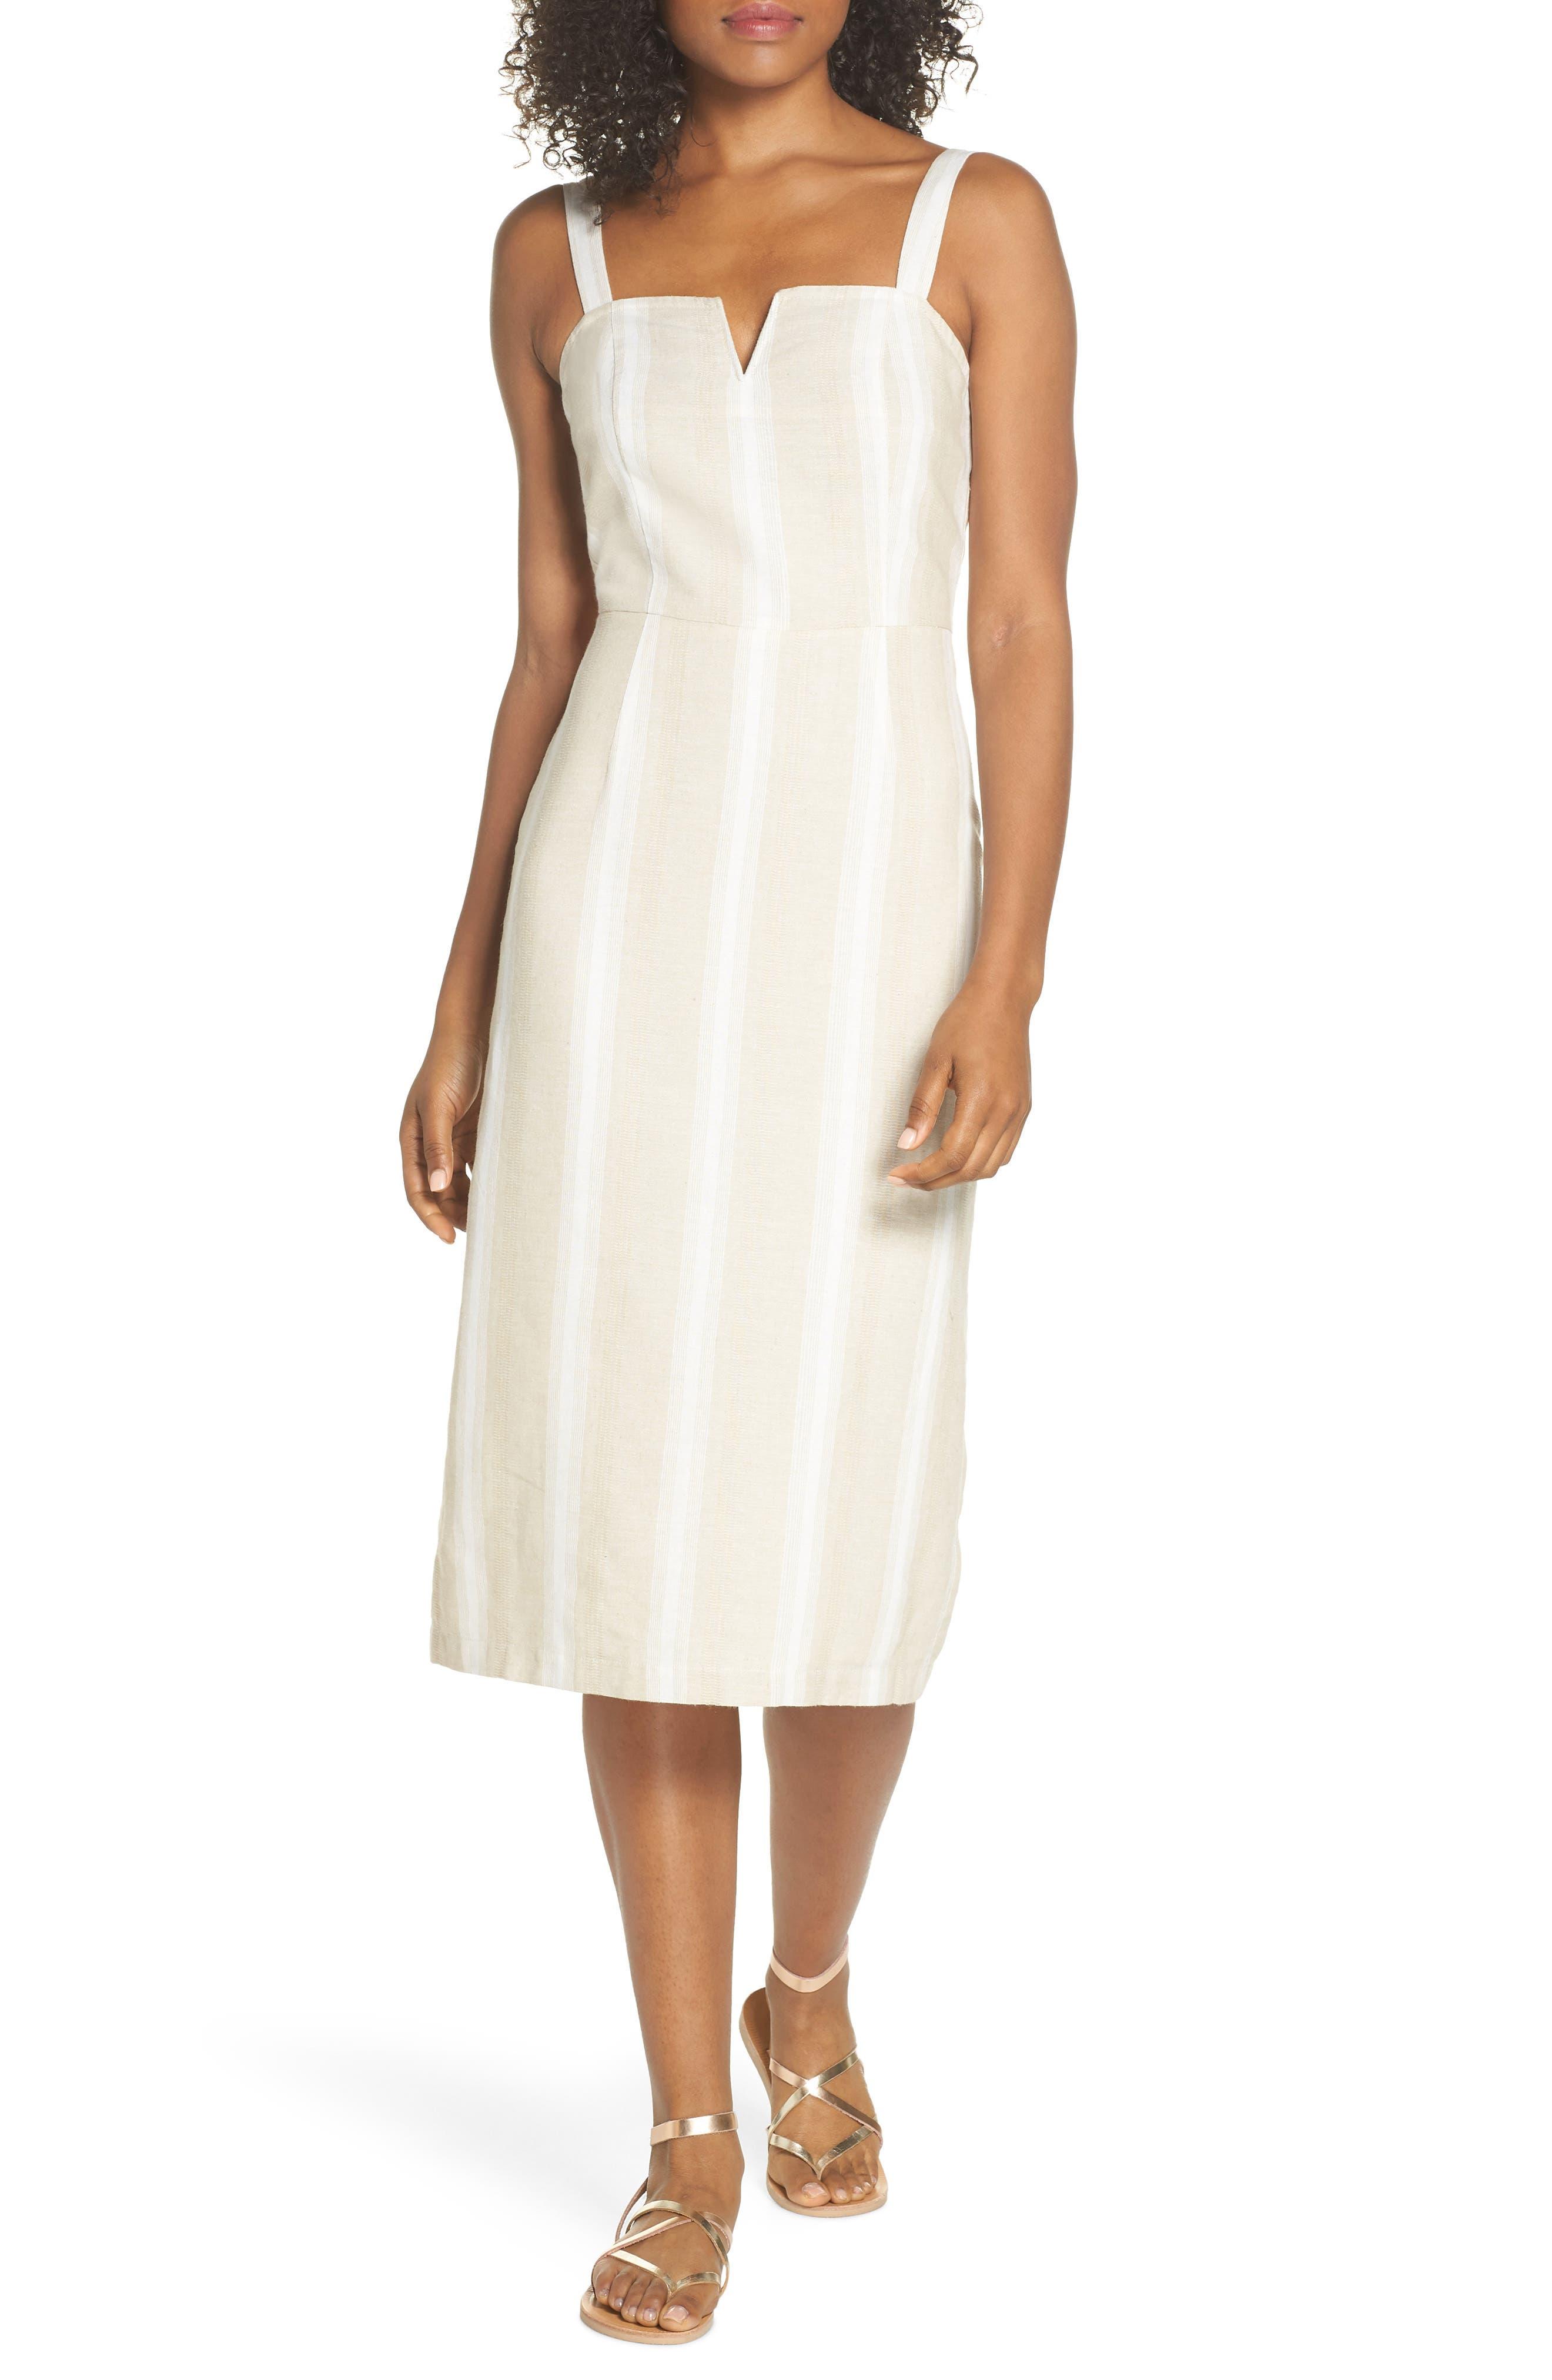 Peekabo Stripe Midi Dress,                             Main thumbnail 1, color,                             Sand